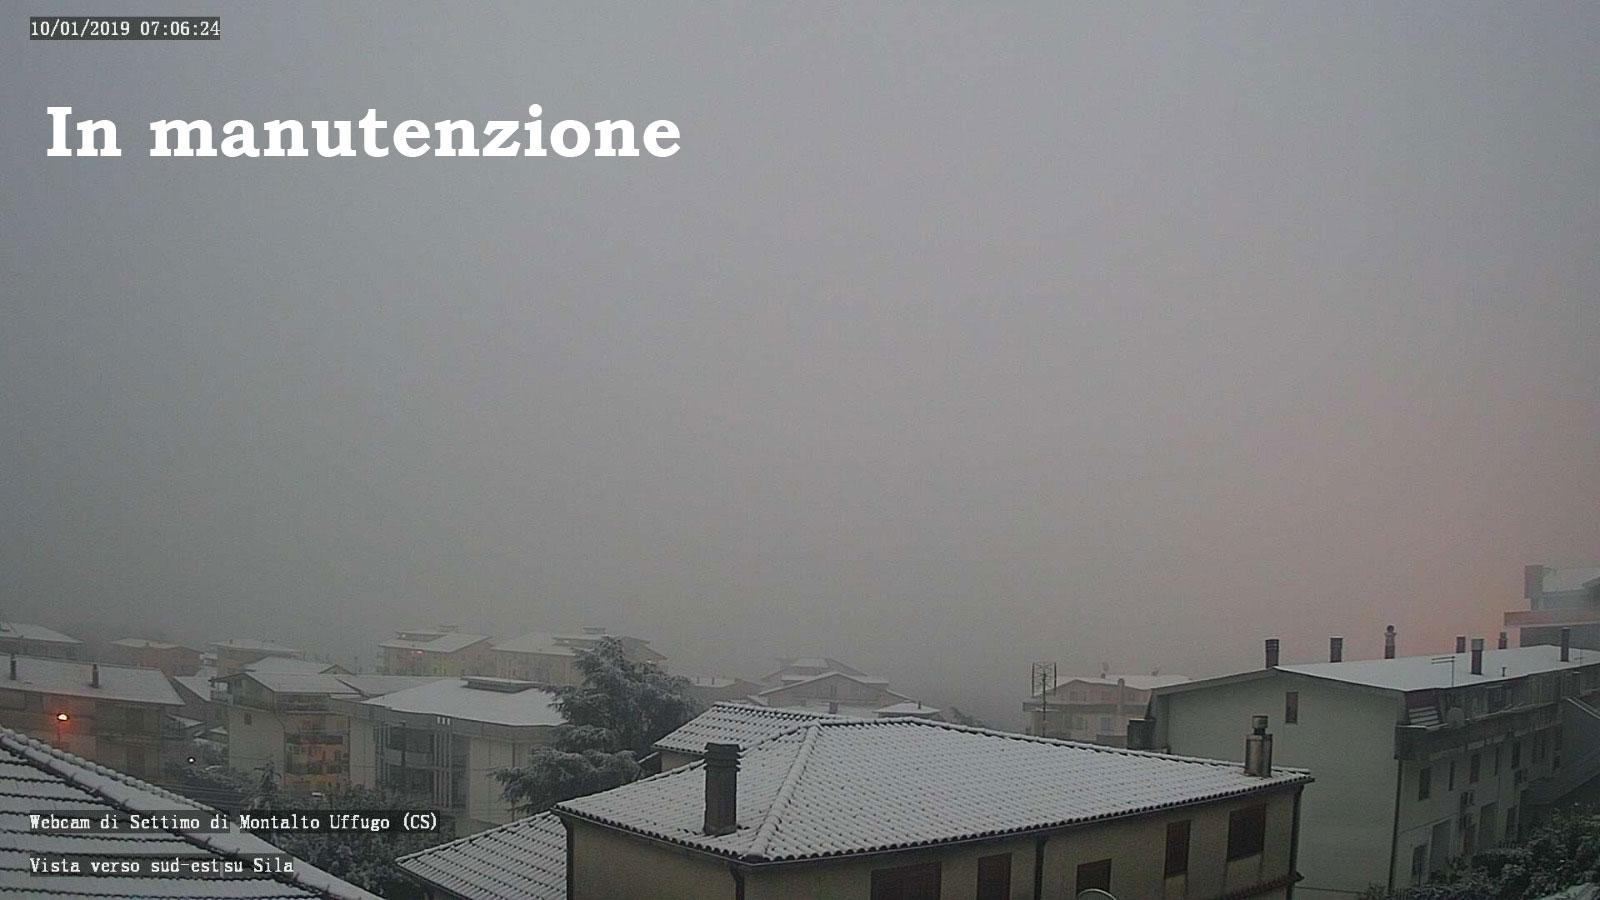 Webcam di Settimo di Montalto Uffugo